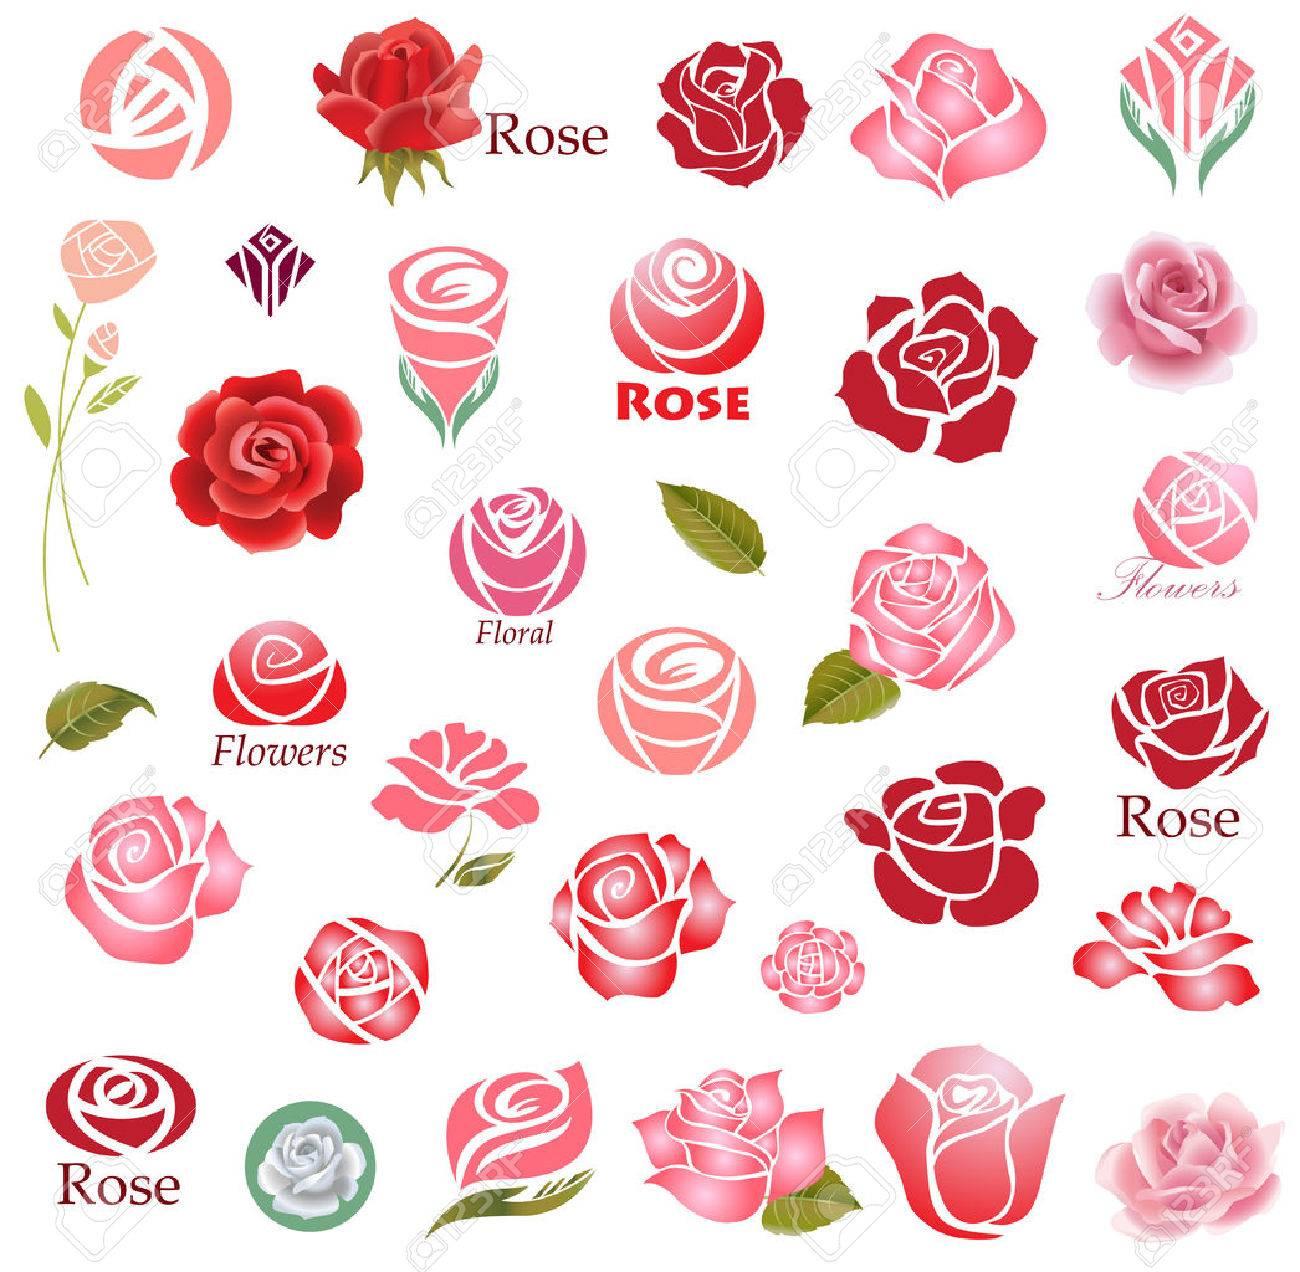 Set of rose flower design elements - 44440886